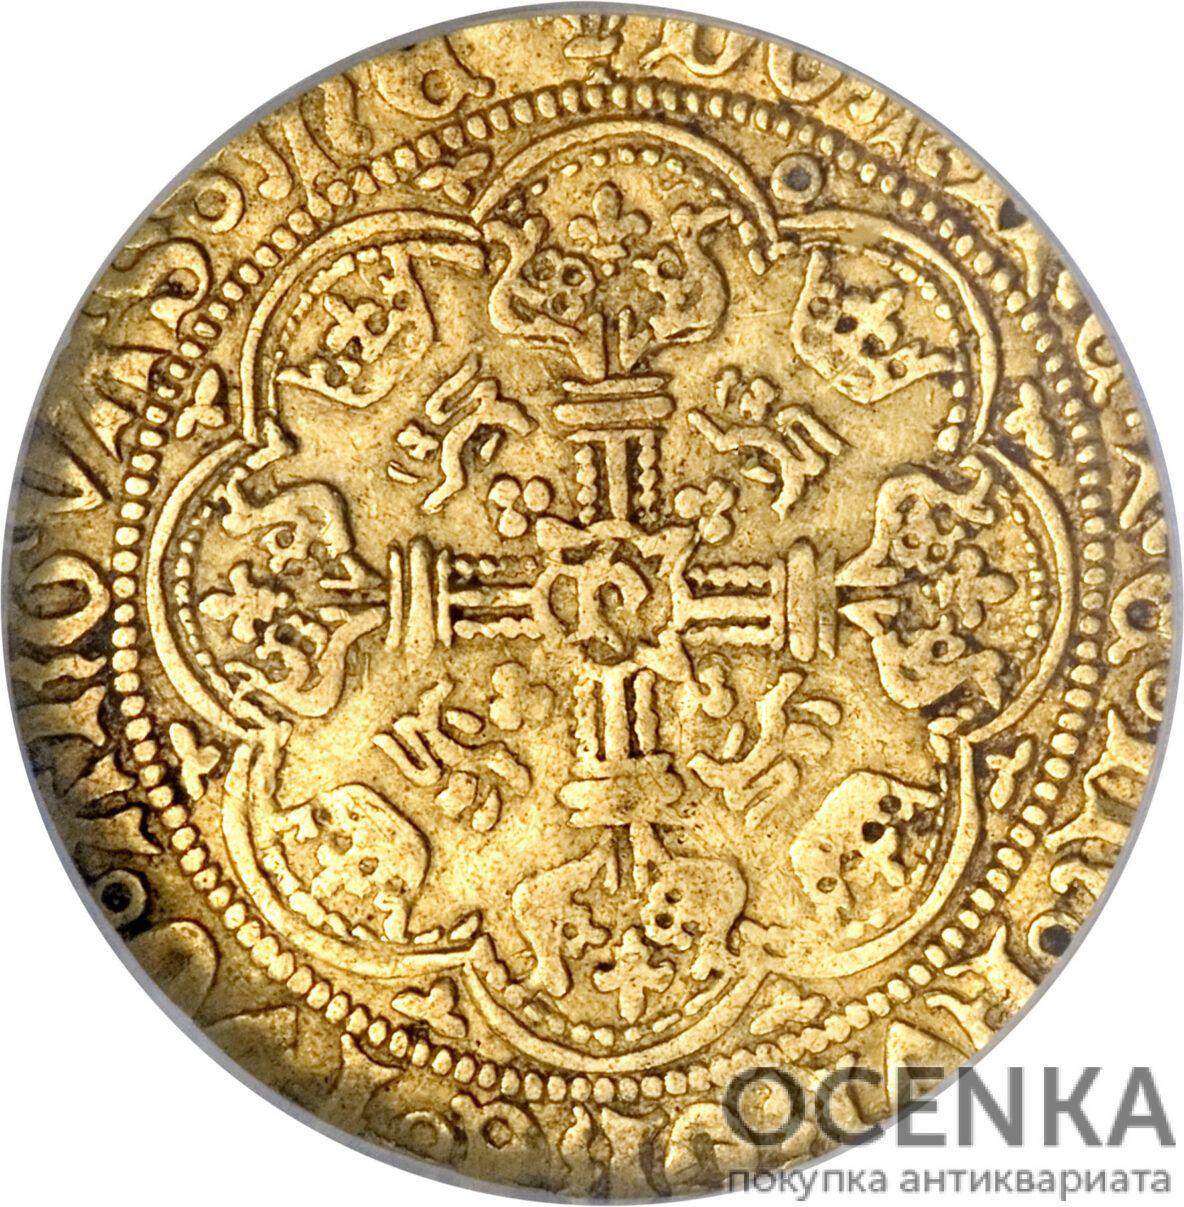 Золотая монета ½ Noble (1/2 нобля) Великобритания - 4